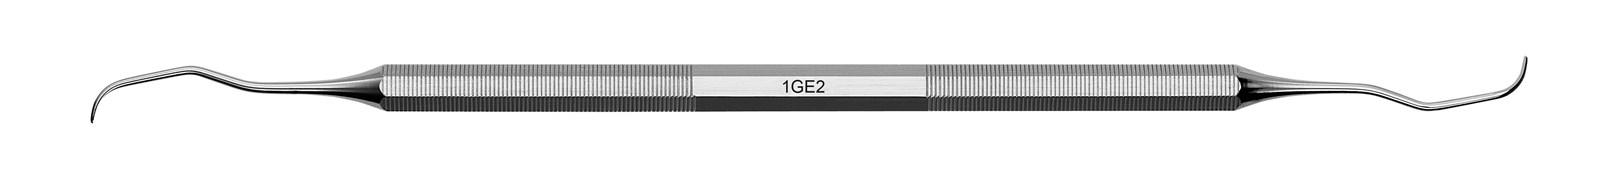 Kyreta Gracey Classic - 1GE2, ADEP silikonový návlek růžový